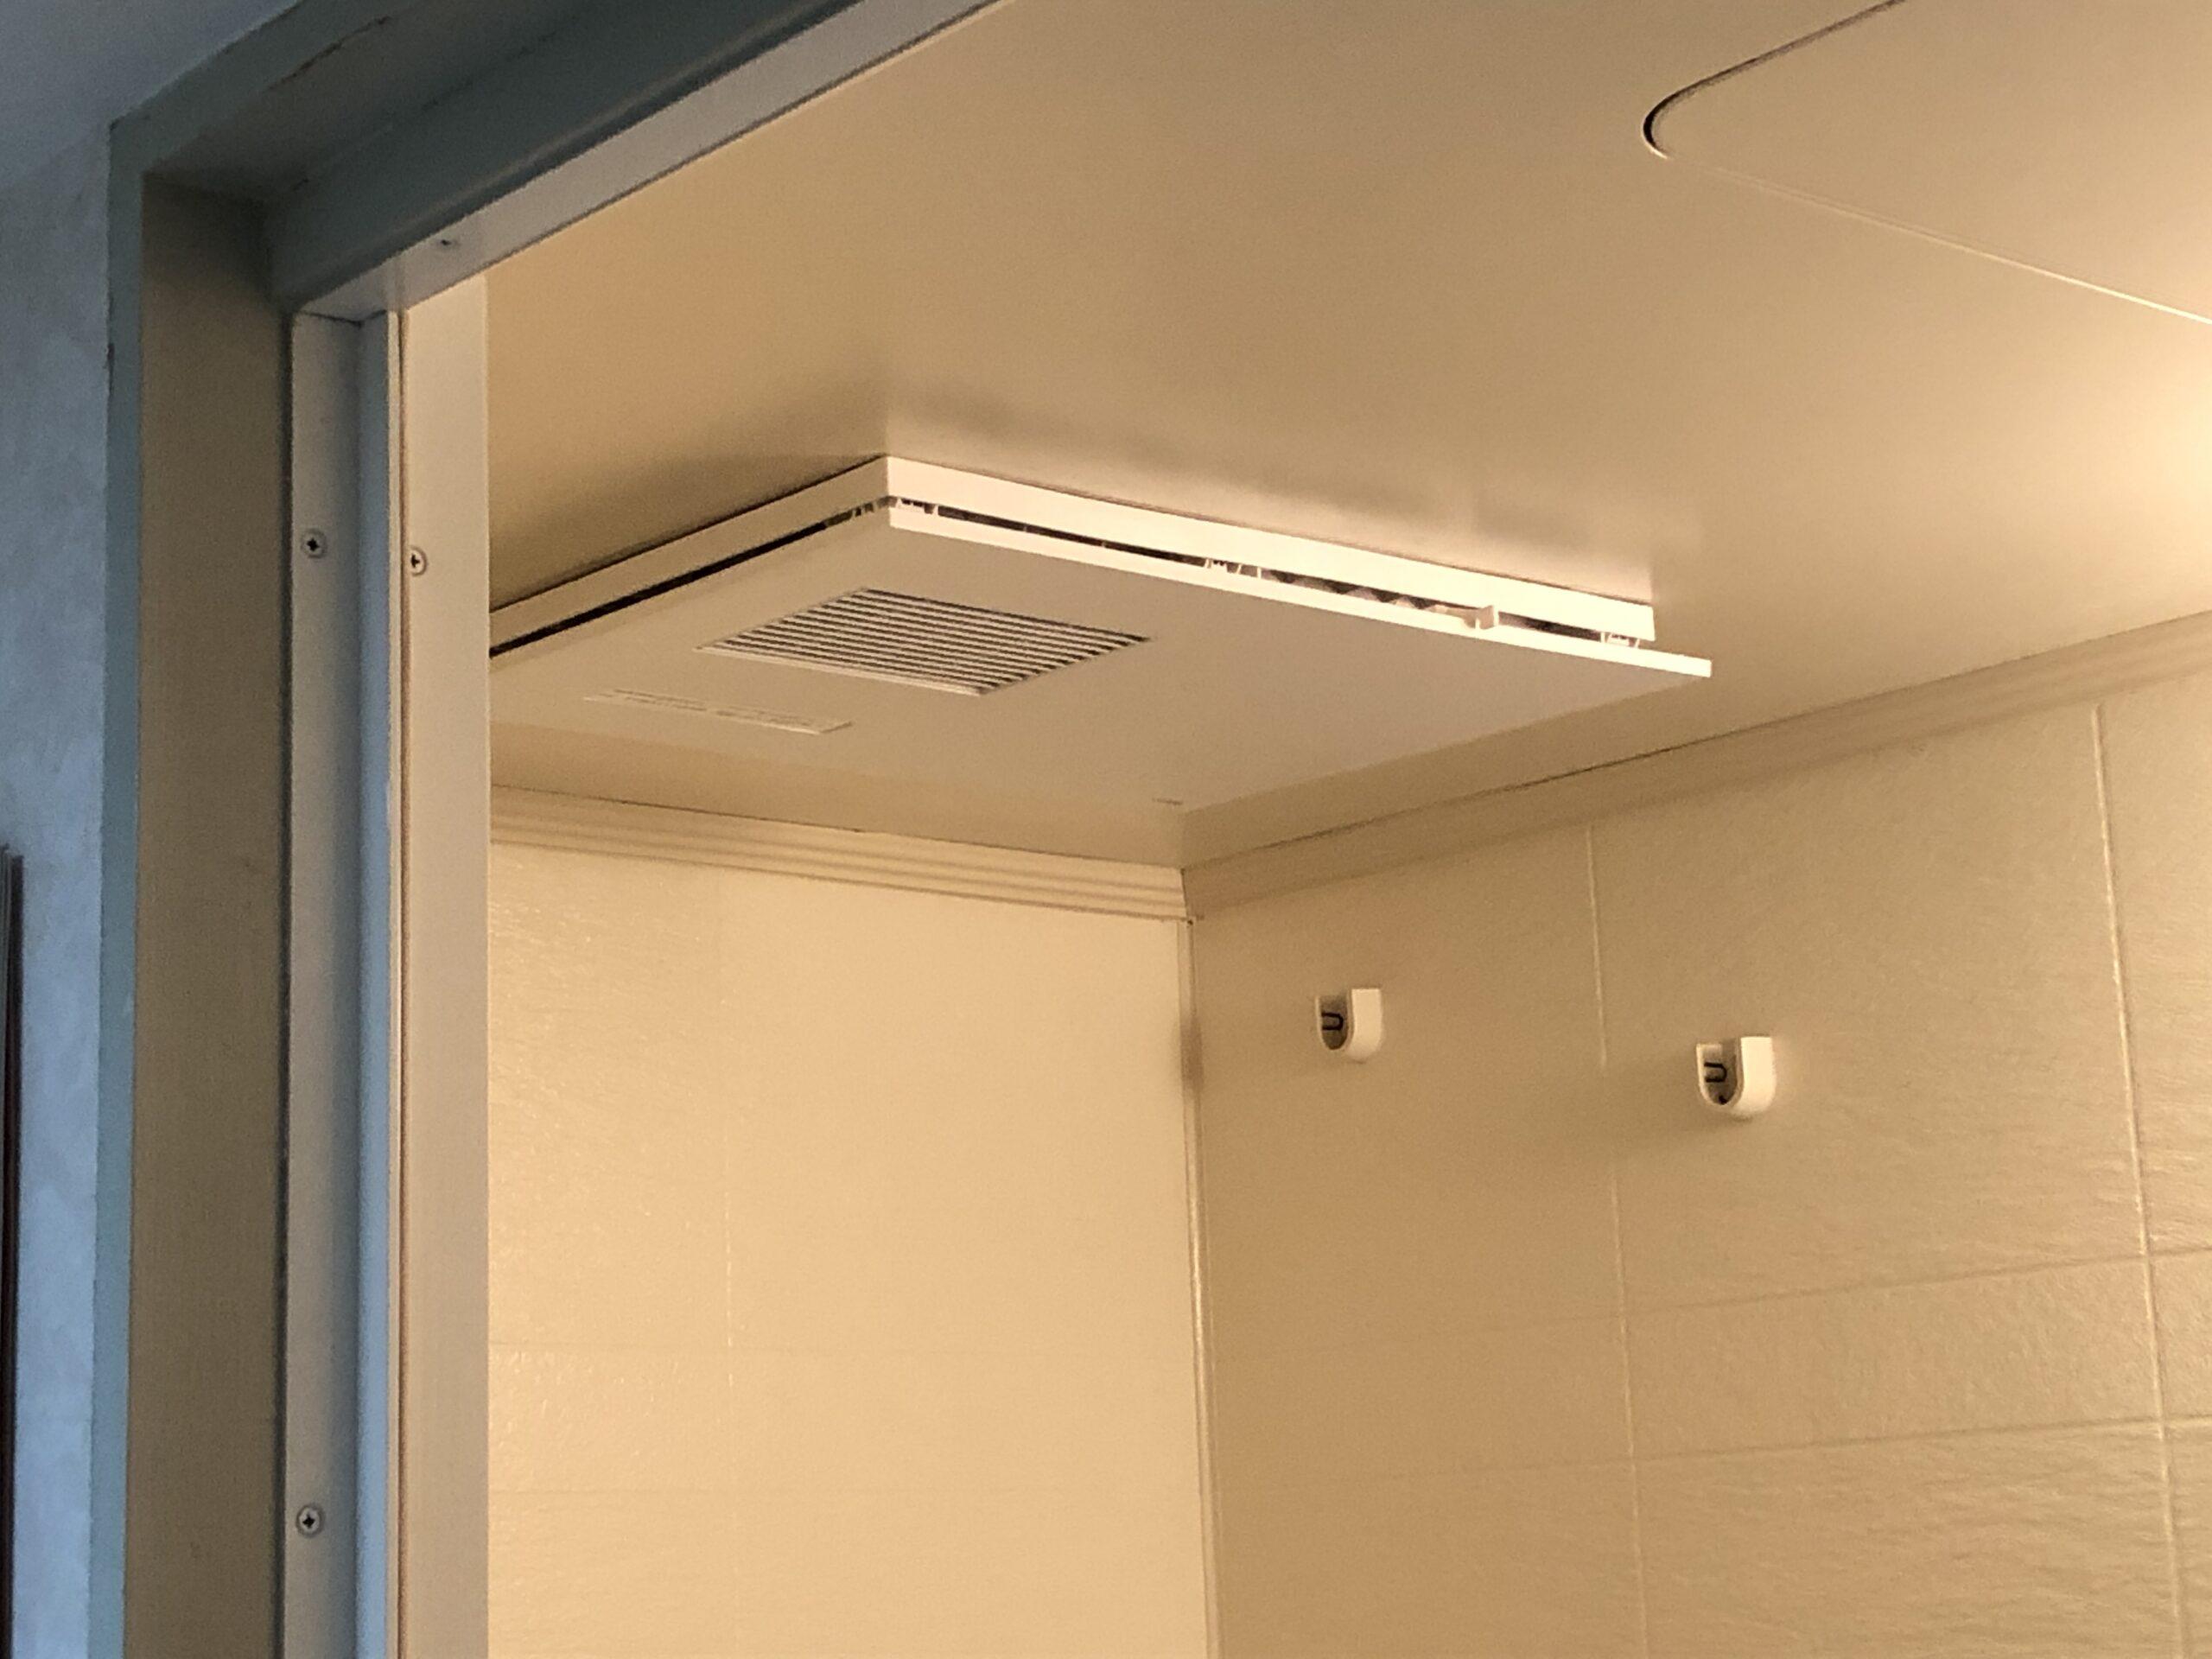 浴室暖房乾燥機交換工事